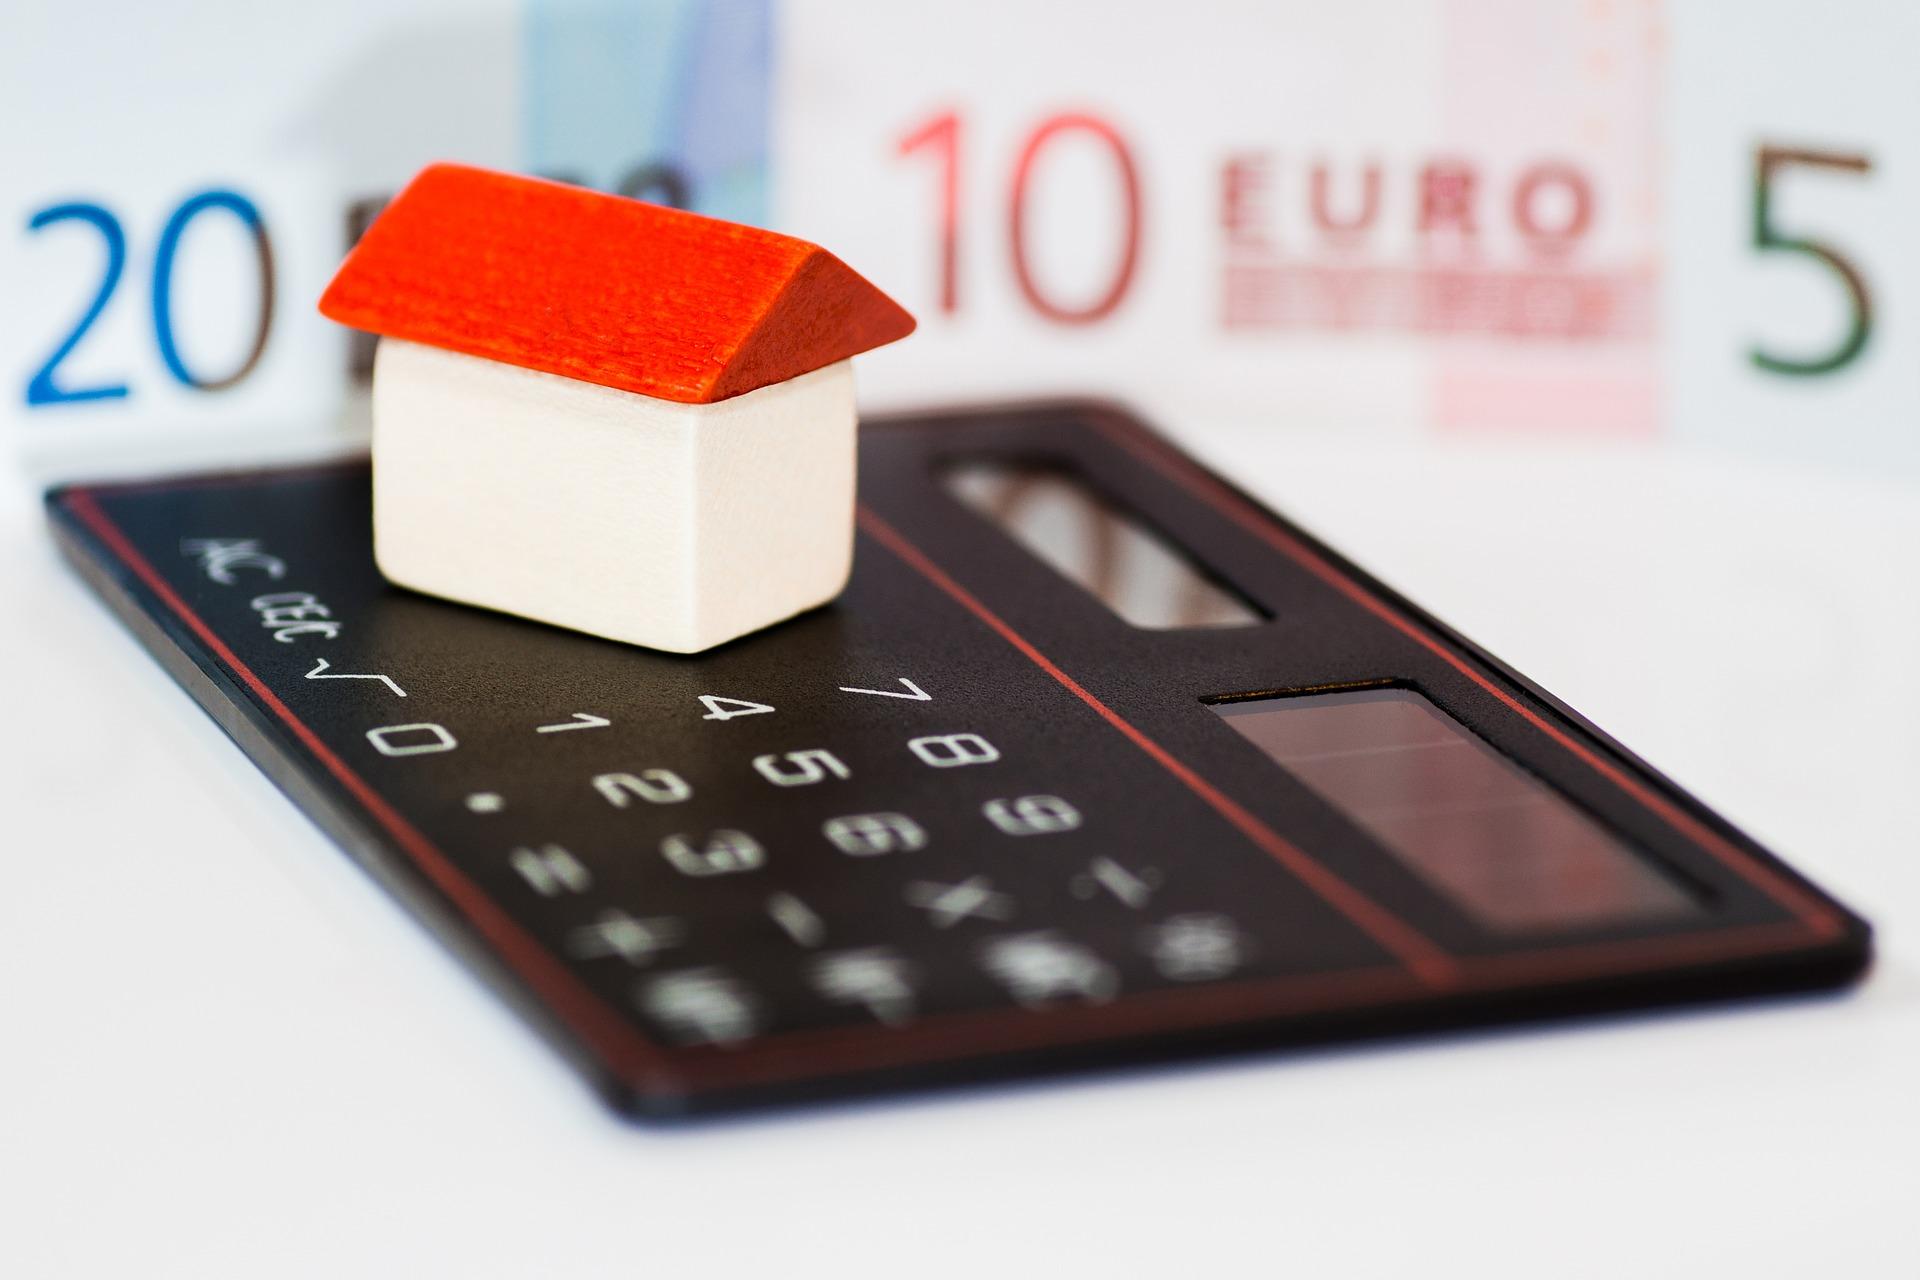 Subida exponencial de las novaciones en el último año: ¿apoyo al consumidor o trampa?